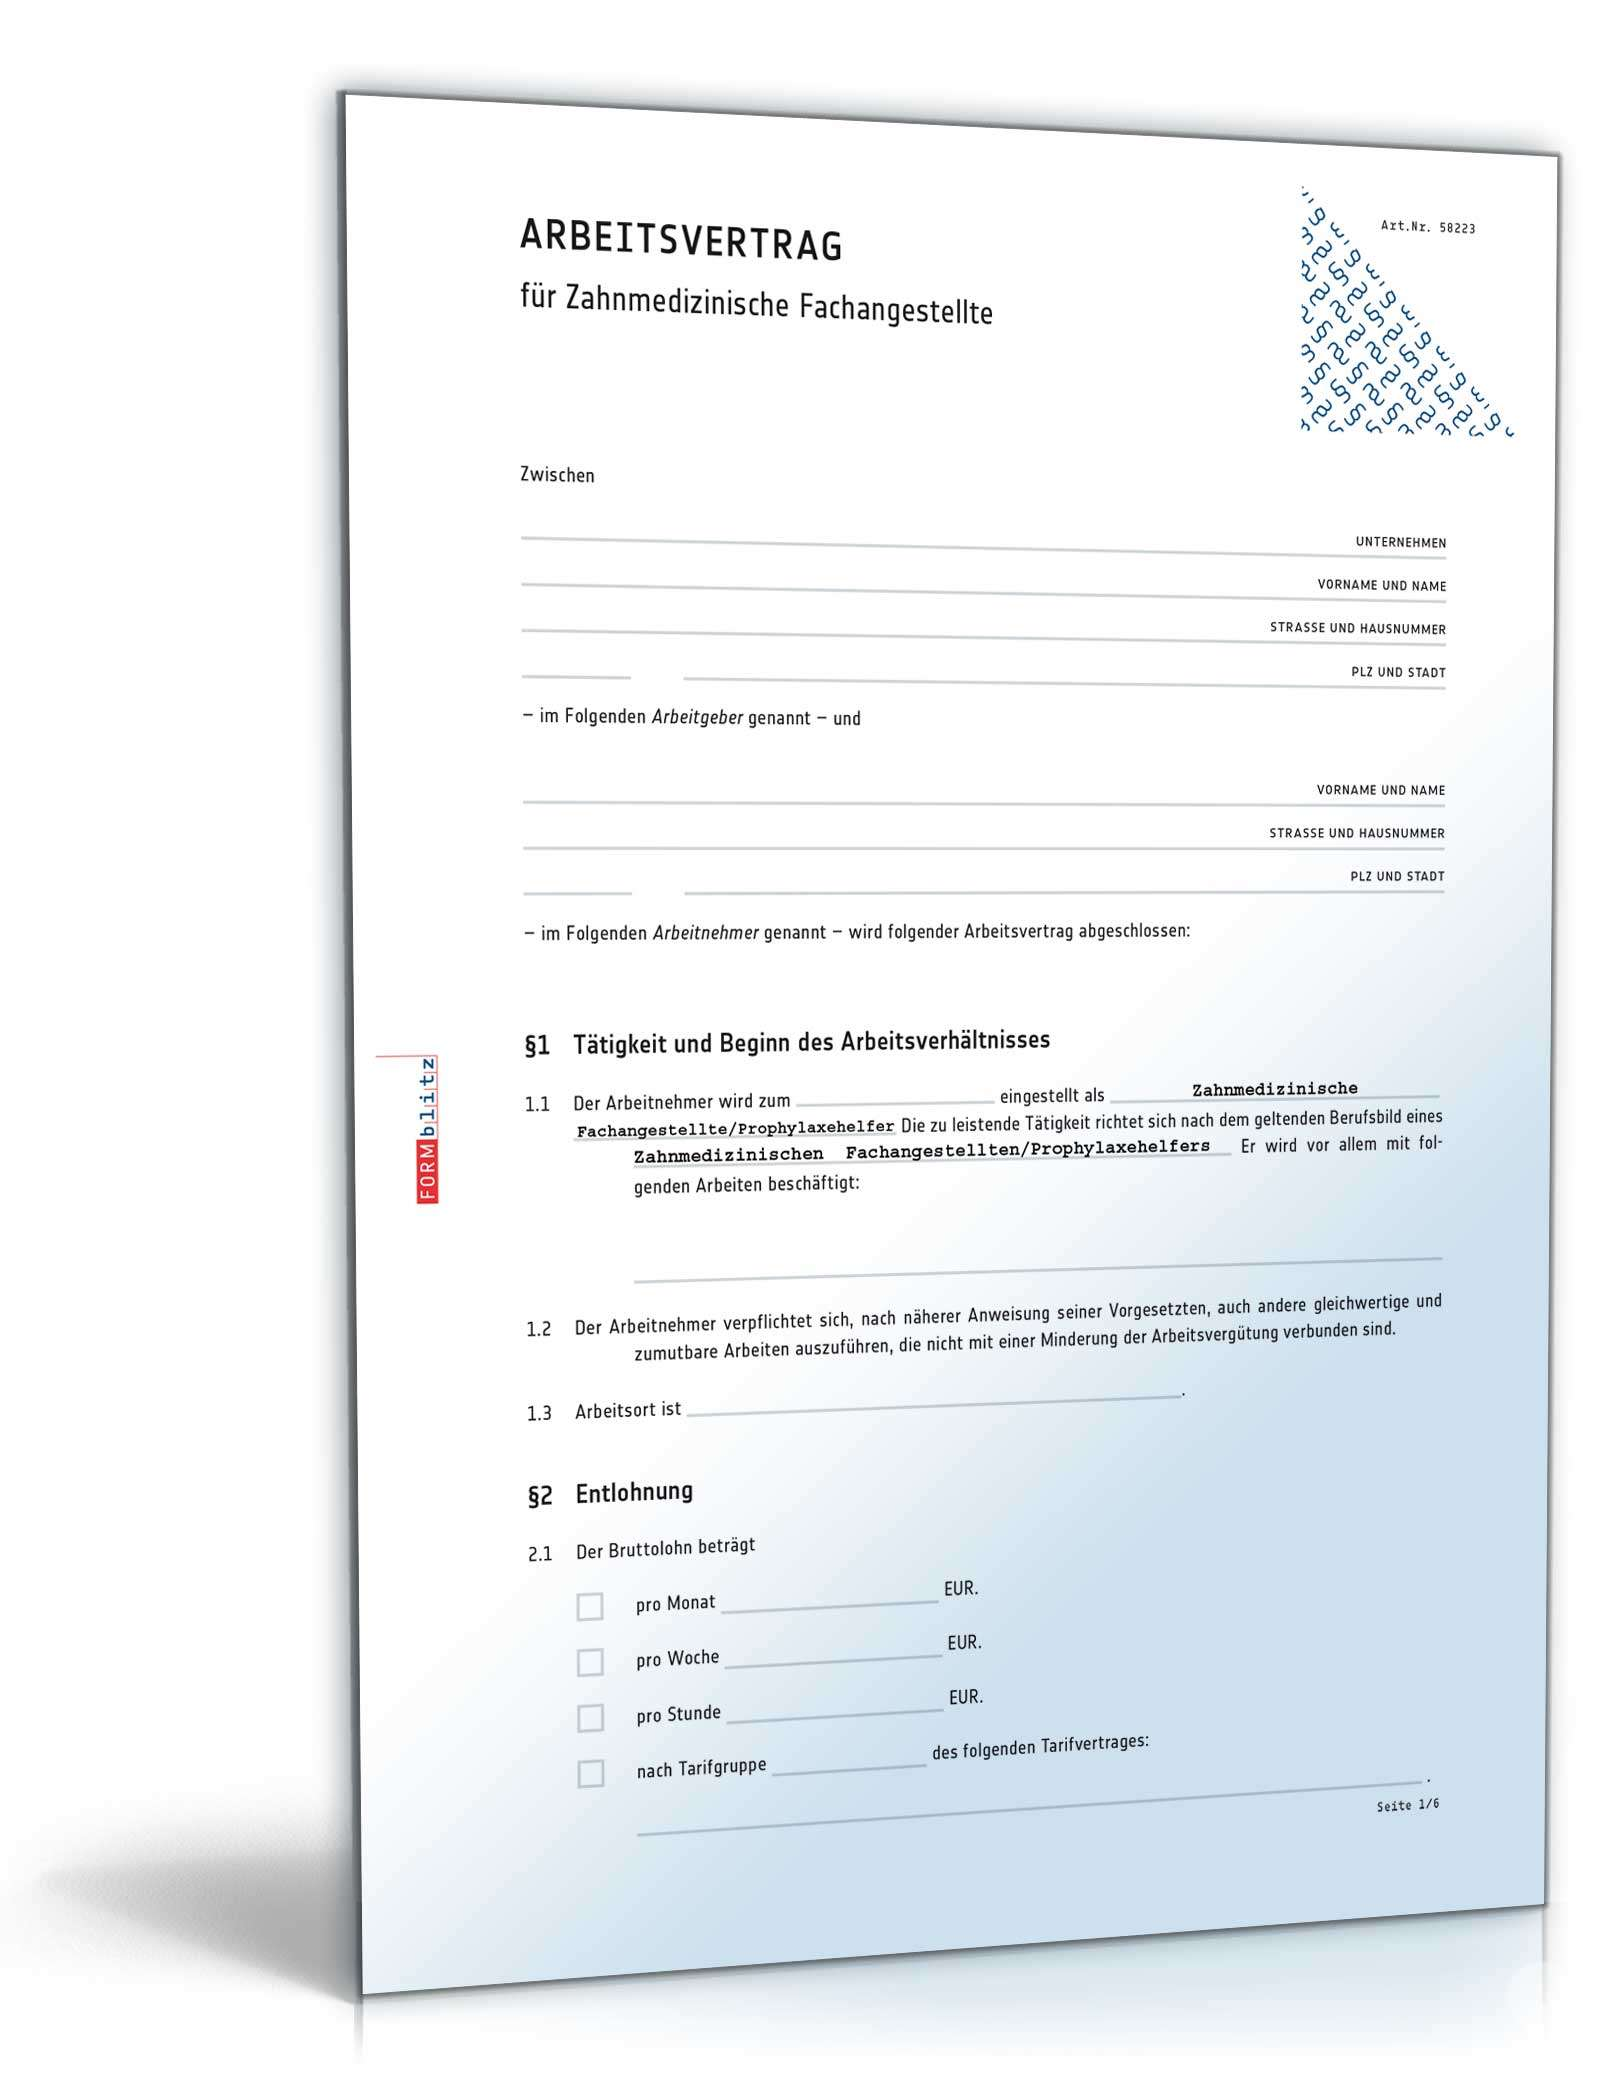 Arbeitsvertrag Für Zahnarzthelferin Muster Zum Download